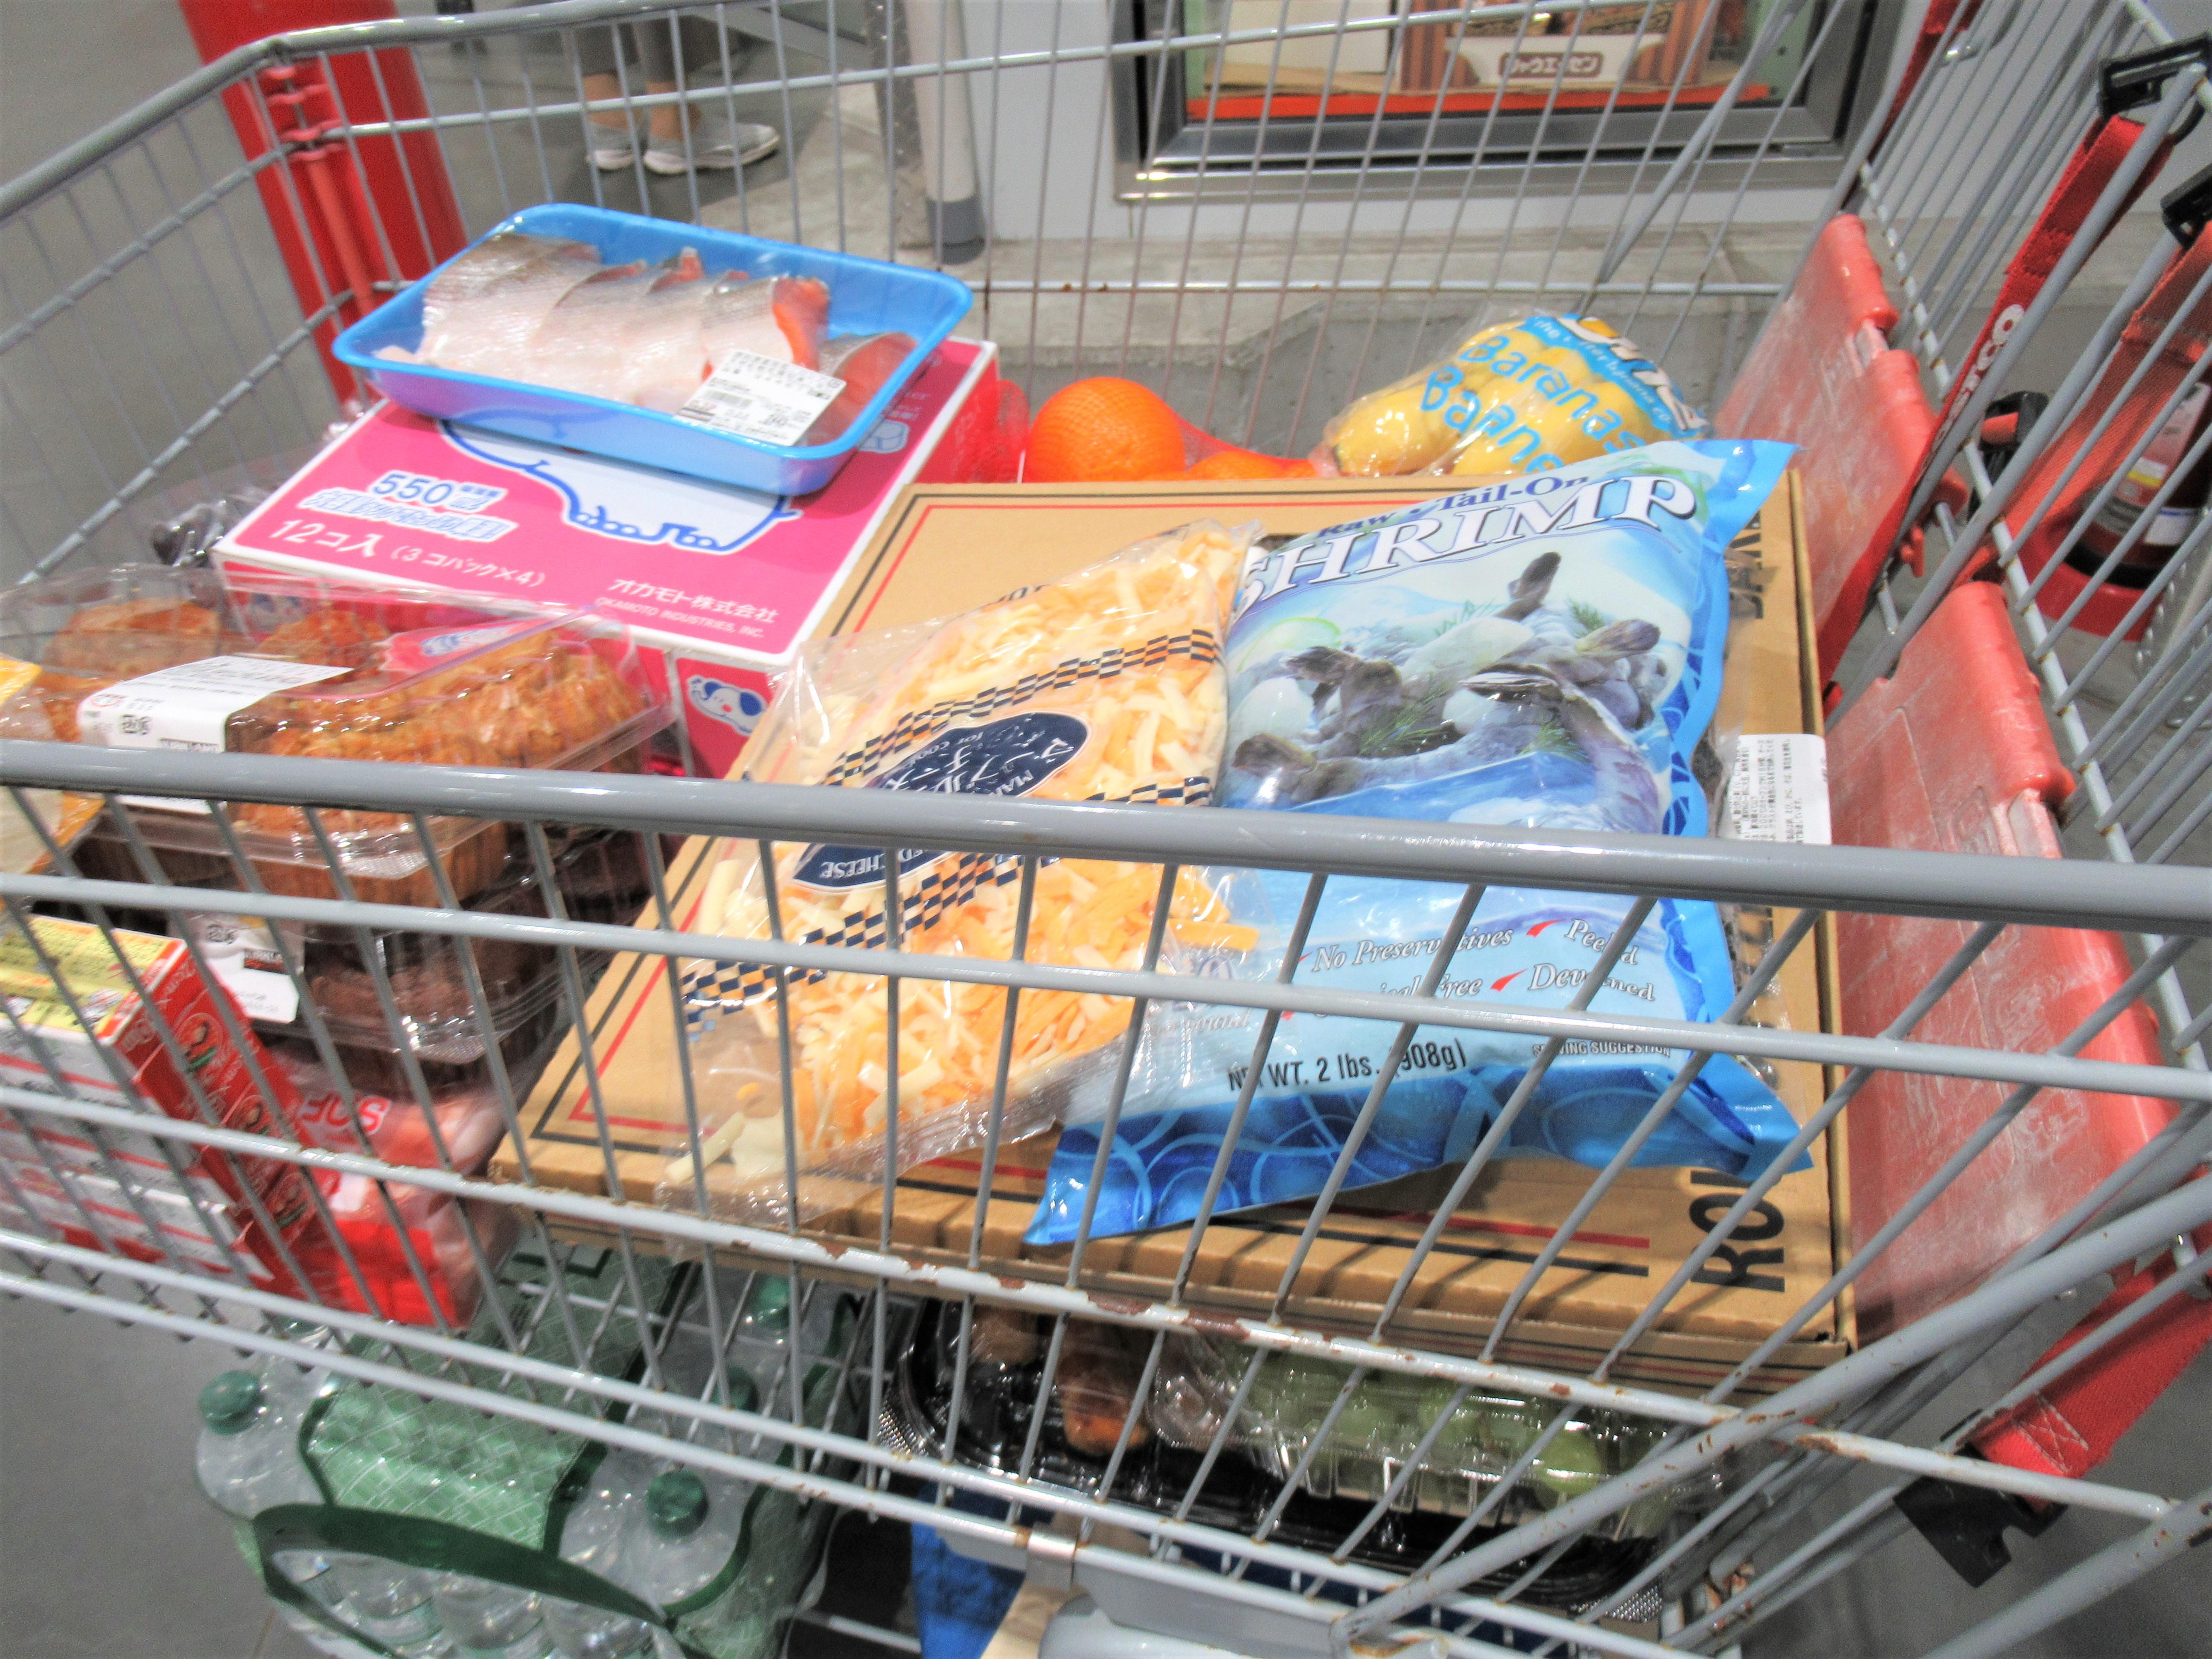 コストコで食費を節約☆食費は月3万円でも美味しい物を食べたい!冷凍庫は満杯のススメ|ママのラク家事ブログ